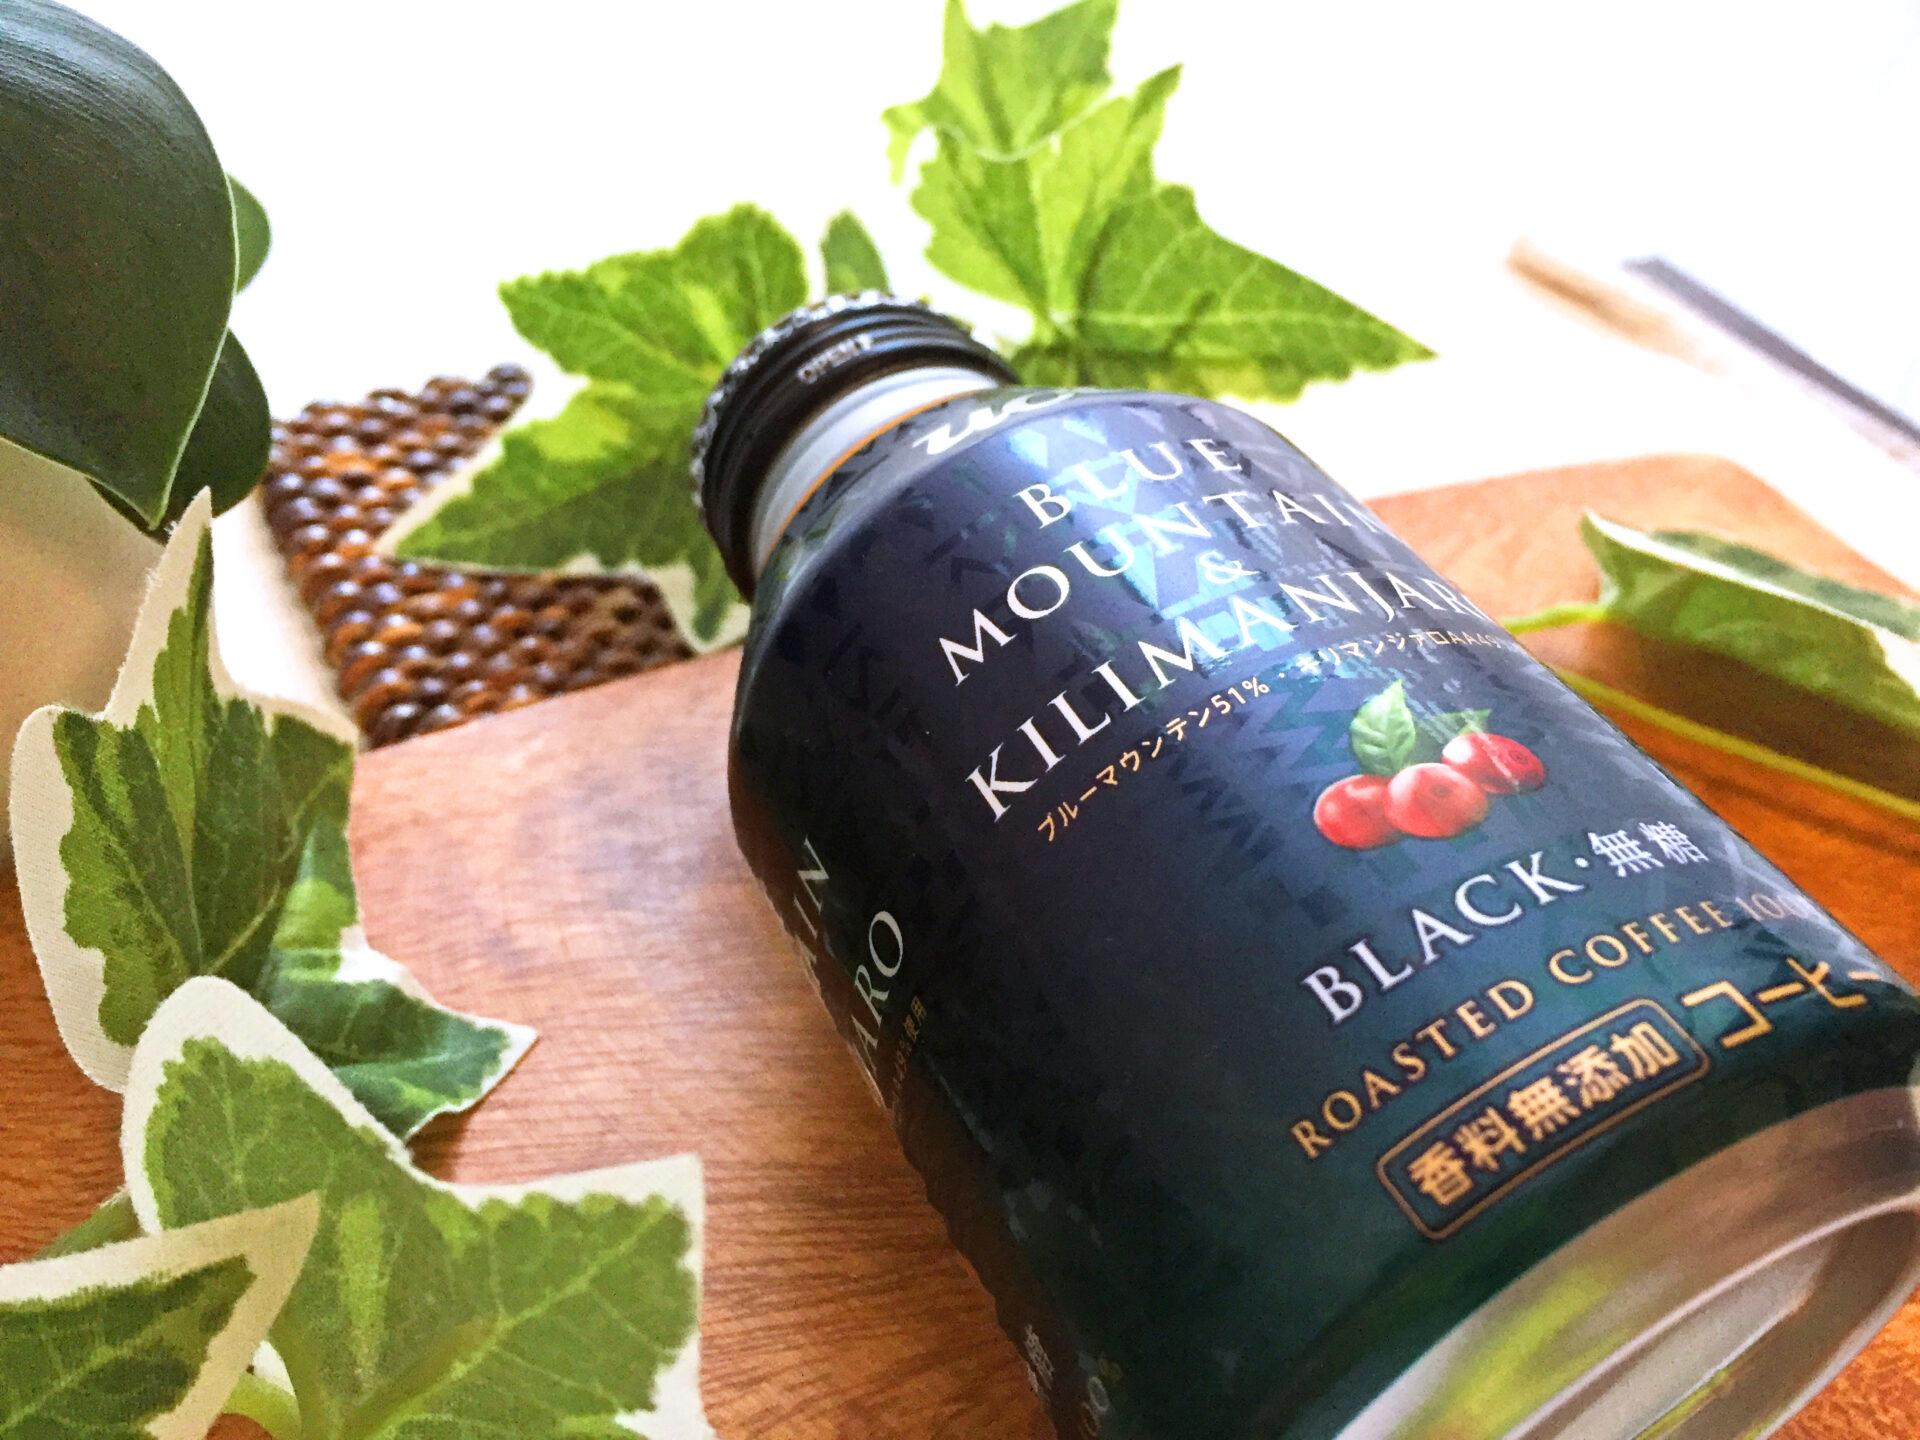 UCC『BLACK ブルーマウンテン&キリマンジァロ リキャップ缶275g』